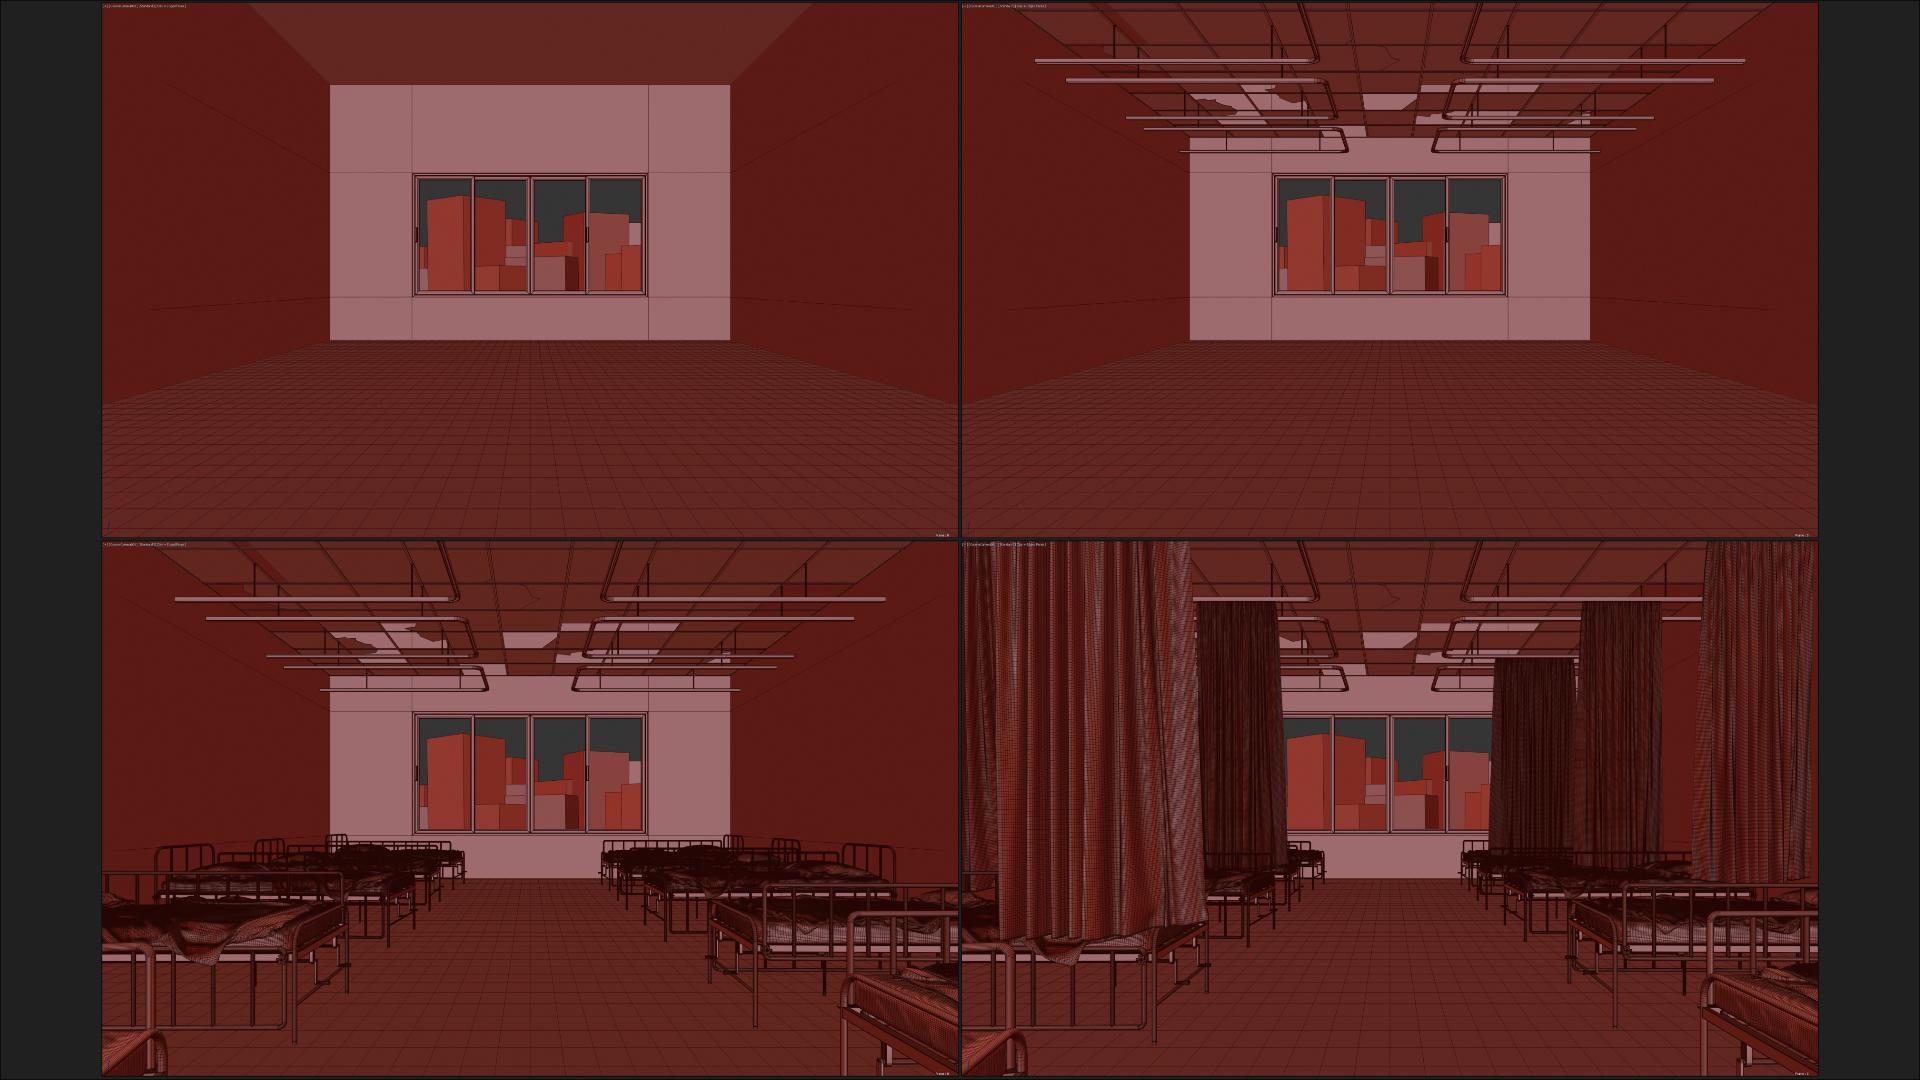 作品场景建模制作过程